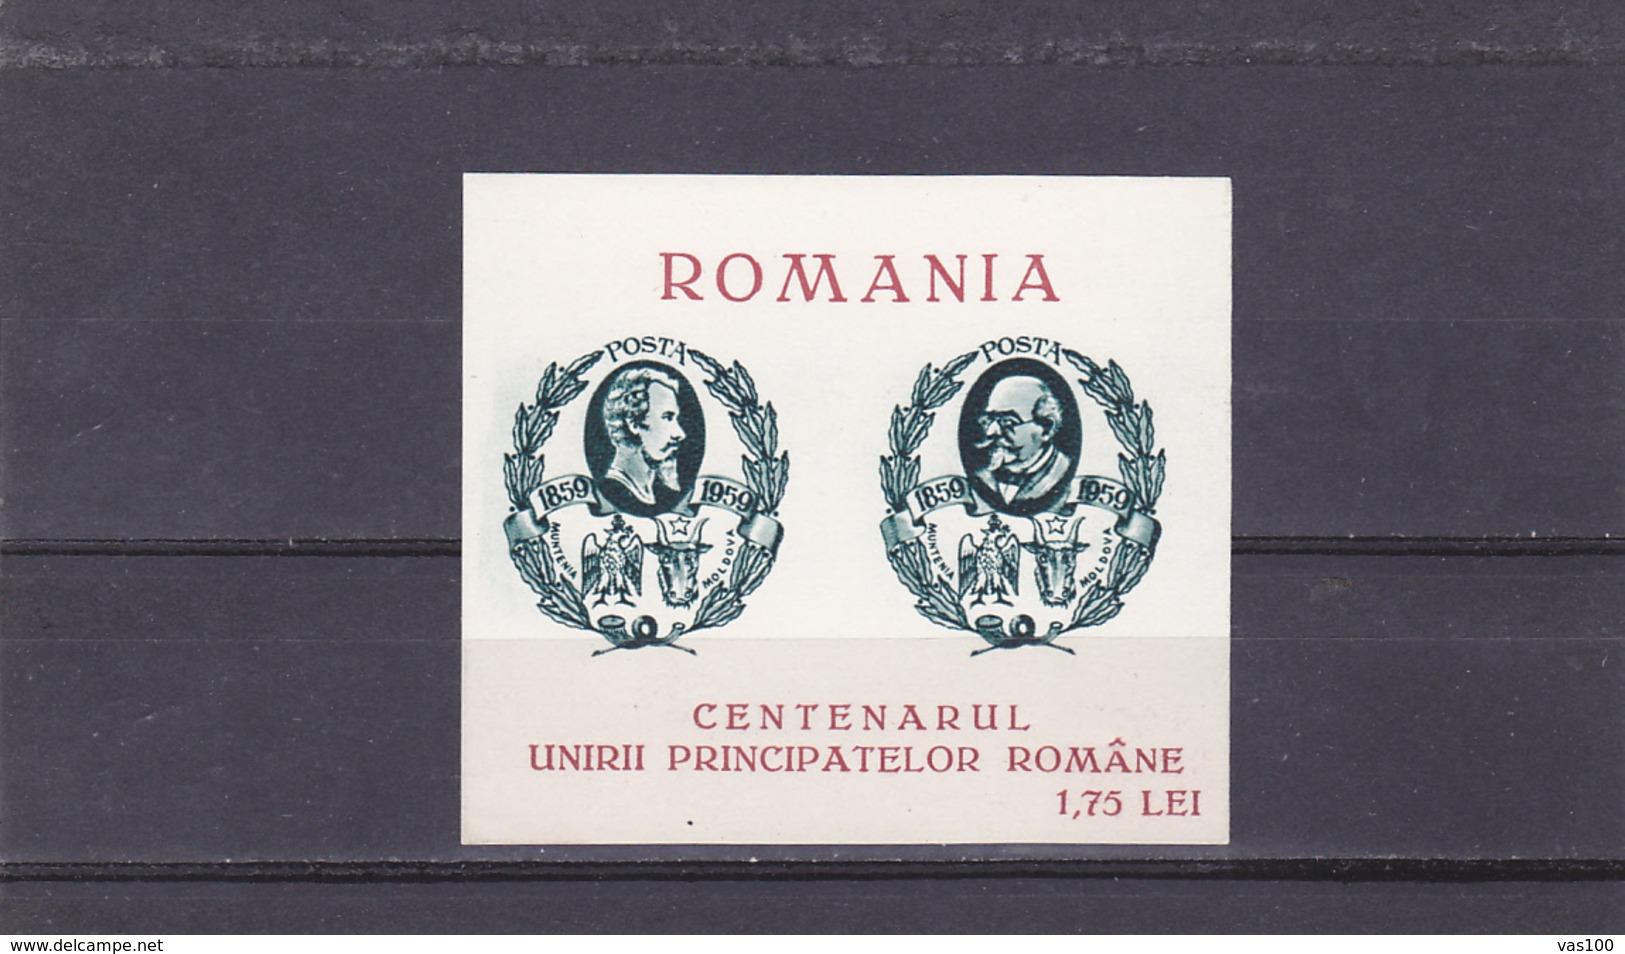 SPAIN - EXILE CENTENARUL UNIRII PRINCIPATELOR ROMANE,1959 BLOCK MNH,ROMANIA. - Emisiones Locales